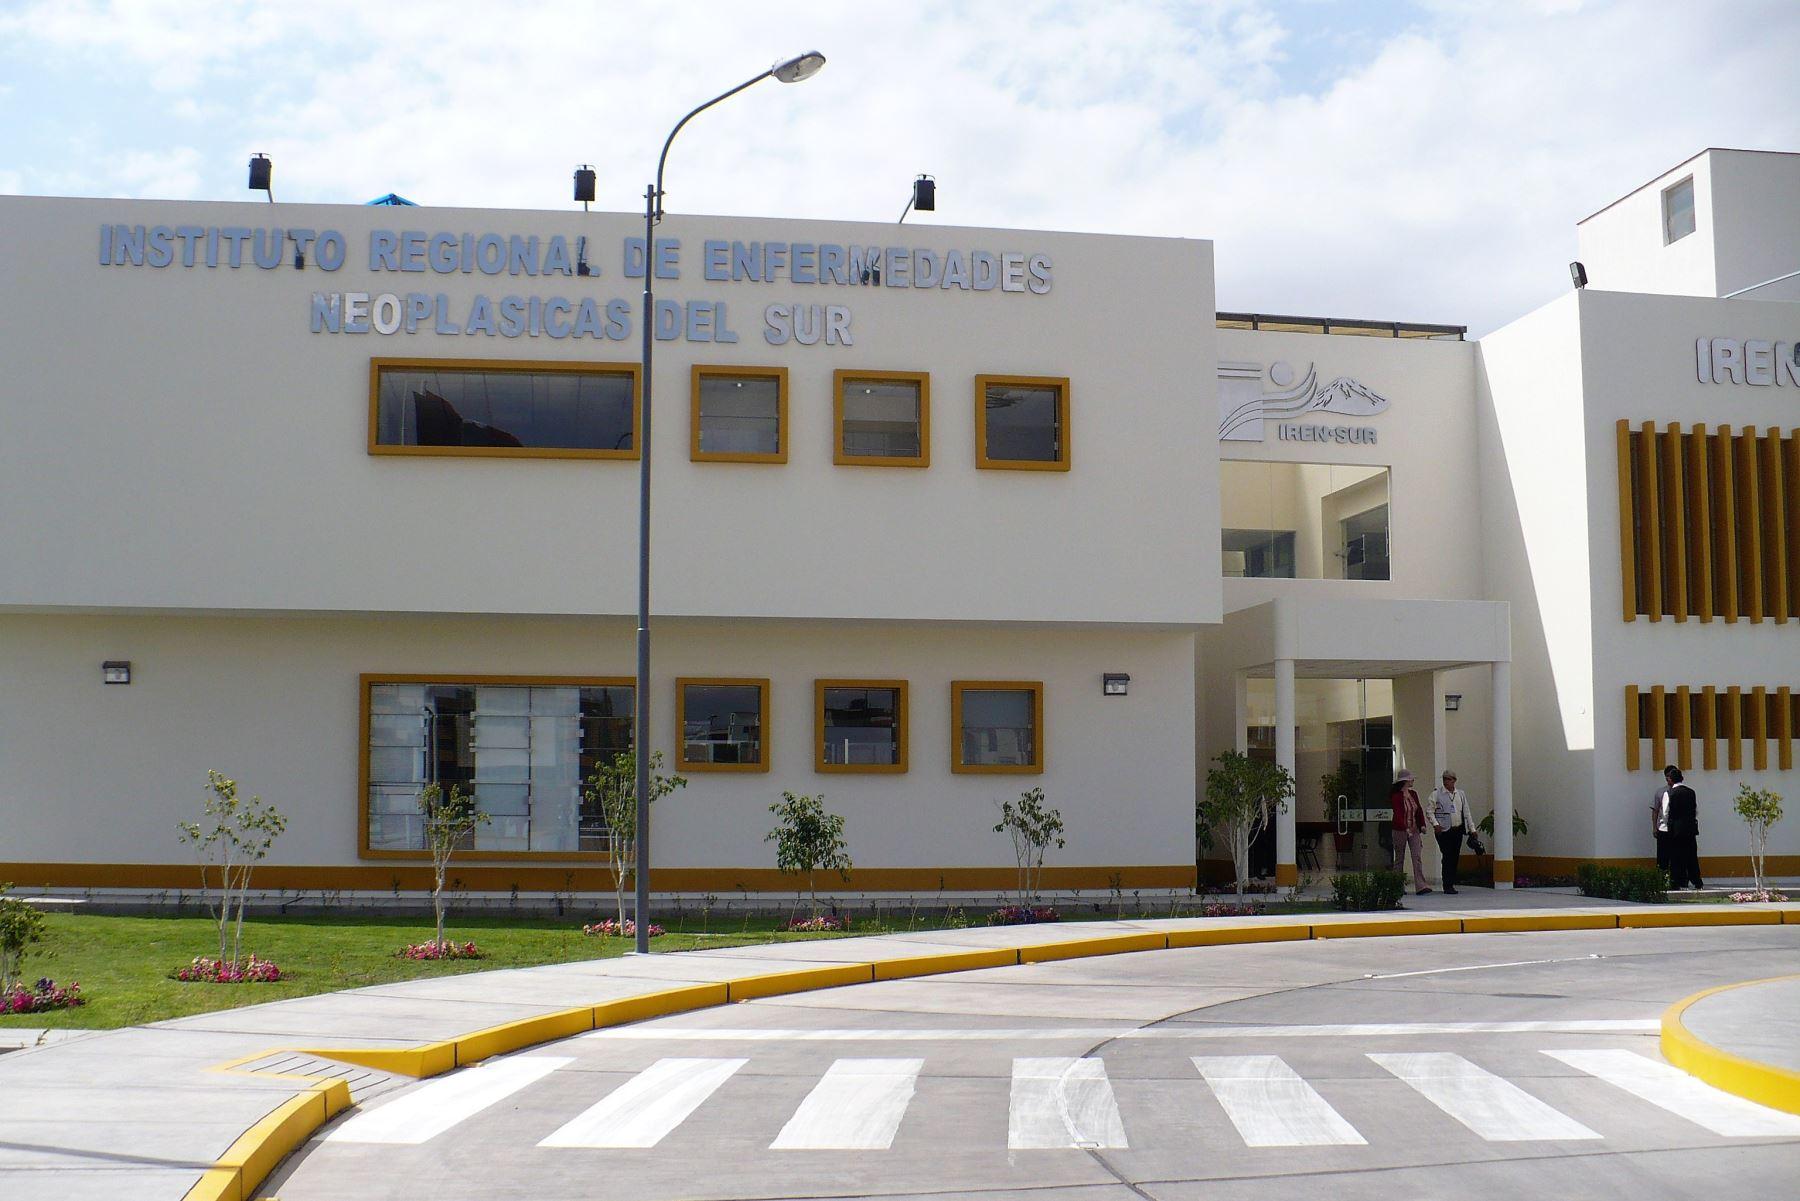 Instituto Regional de Enfermedades Neoplásicas del Sur